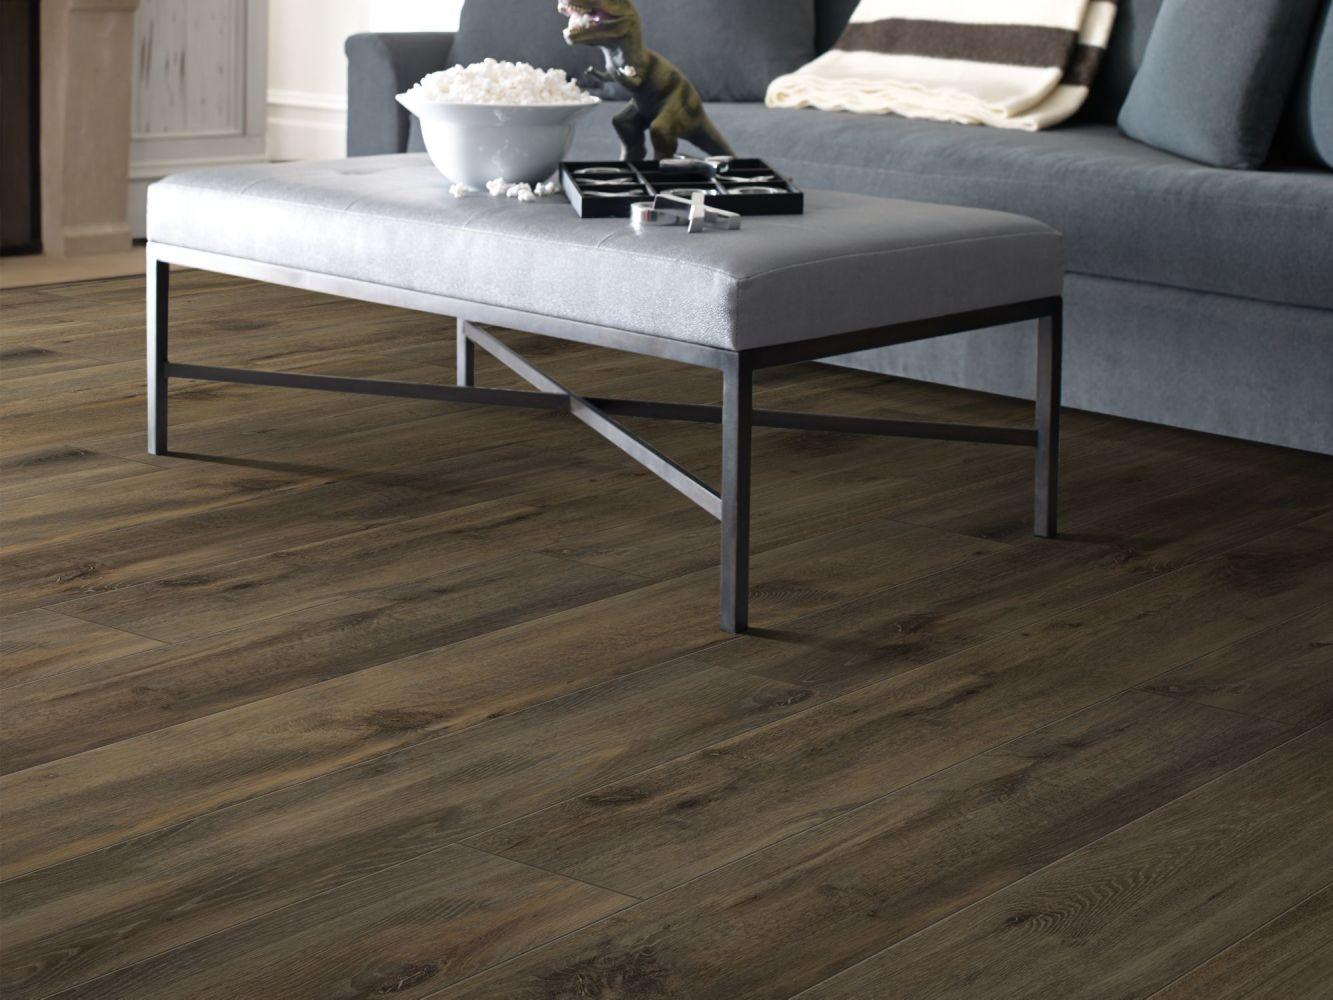 Shaw Floors Resilient Property Solutions Patriot+ Accent Chapman Oak 07067_VE380